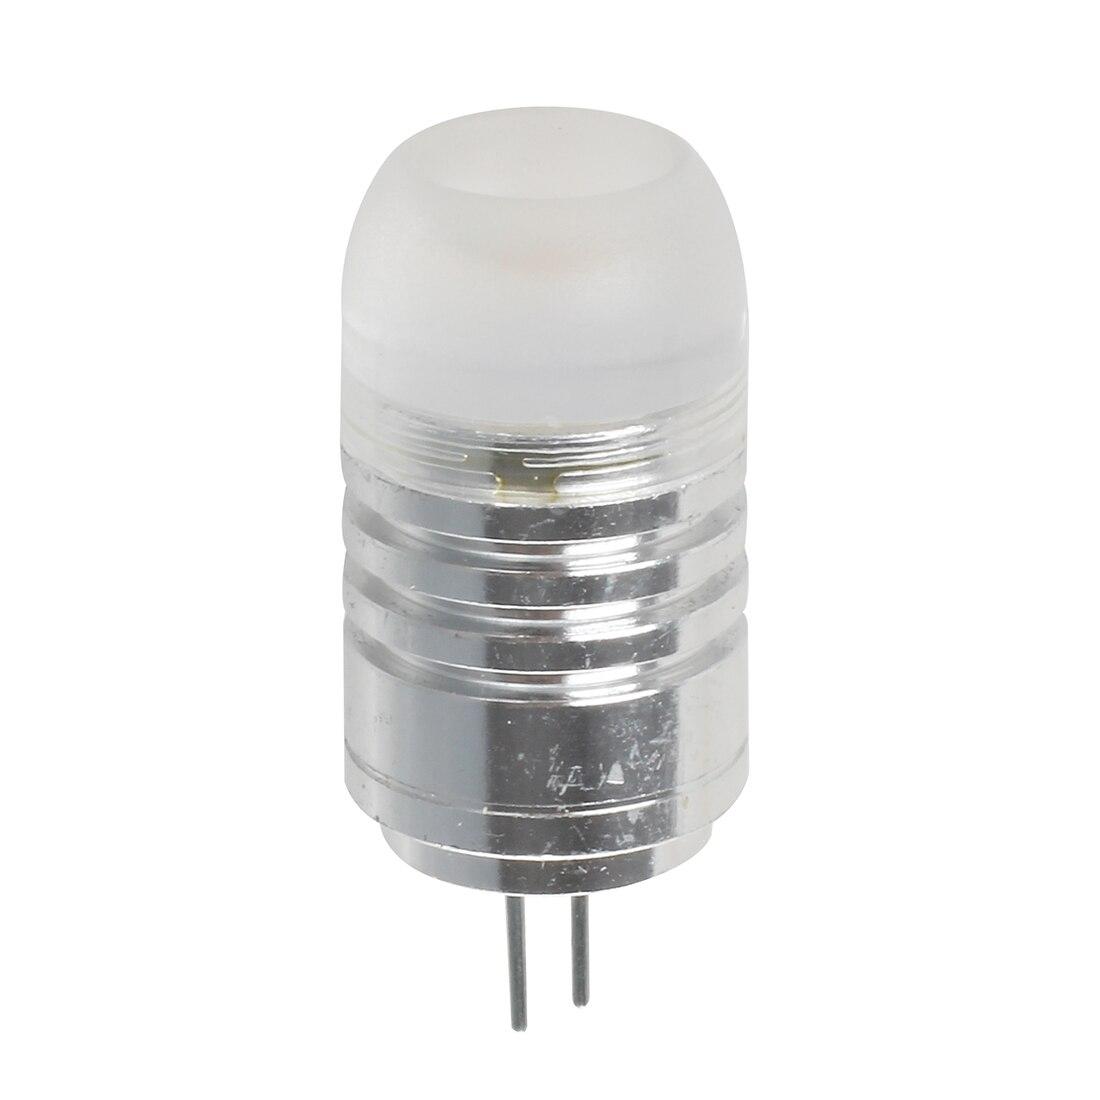 Lights & Lighting Hard-Working G4 Warm White 1 Led Bulb Cabinet Boat Spot Light Lamp 3w Dc/ac 12v High Power